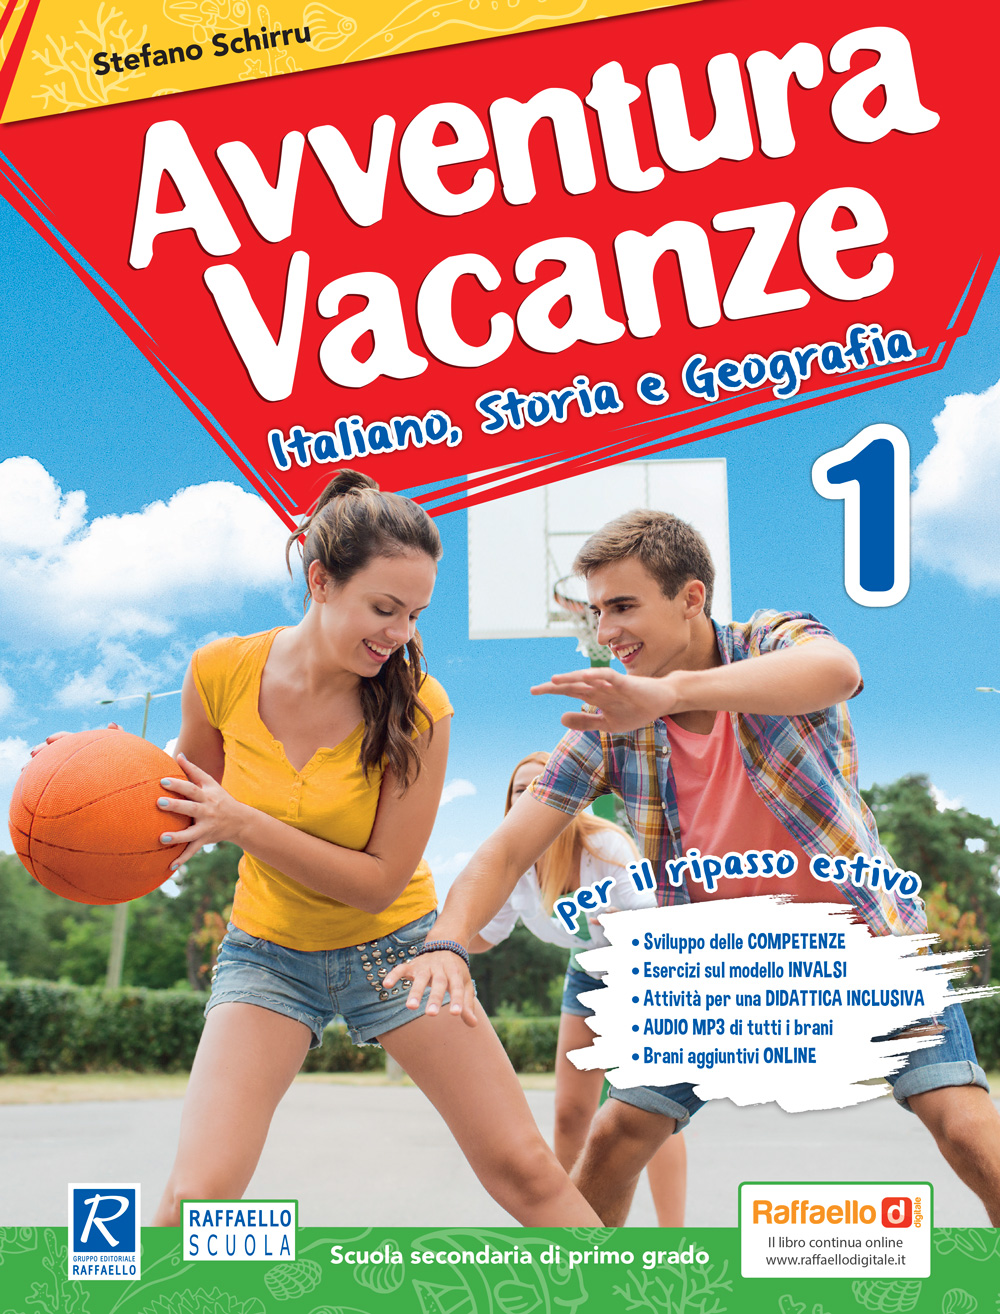 Avventura vacanze - Italiano, Storia e Geografia